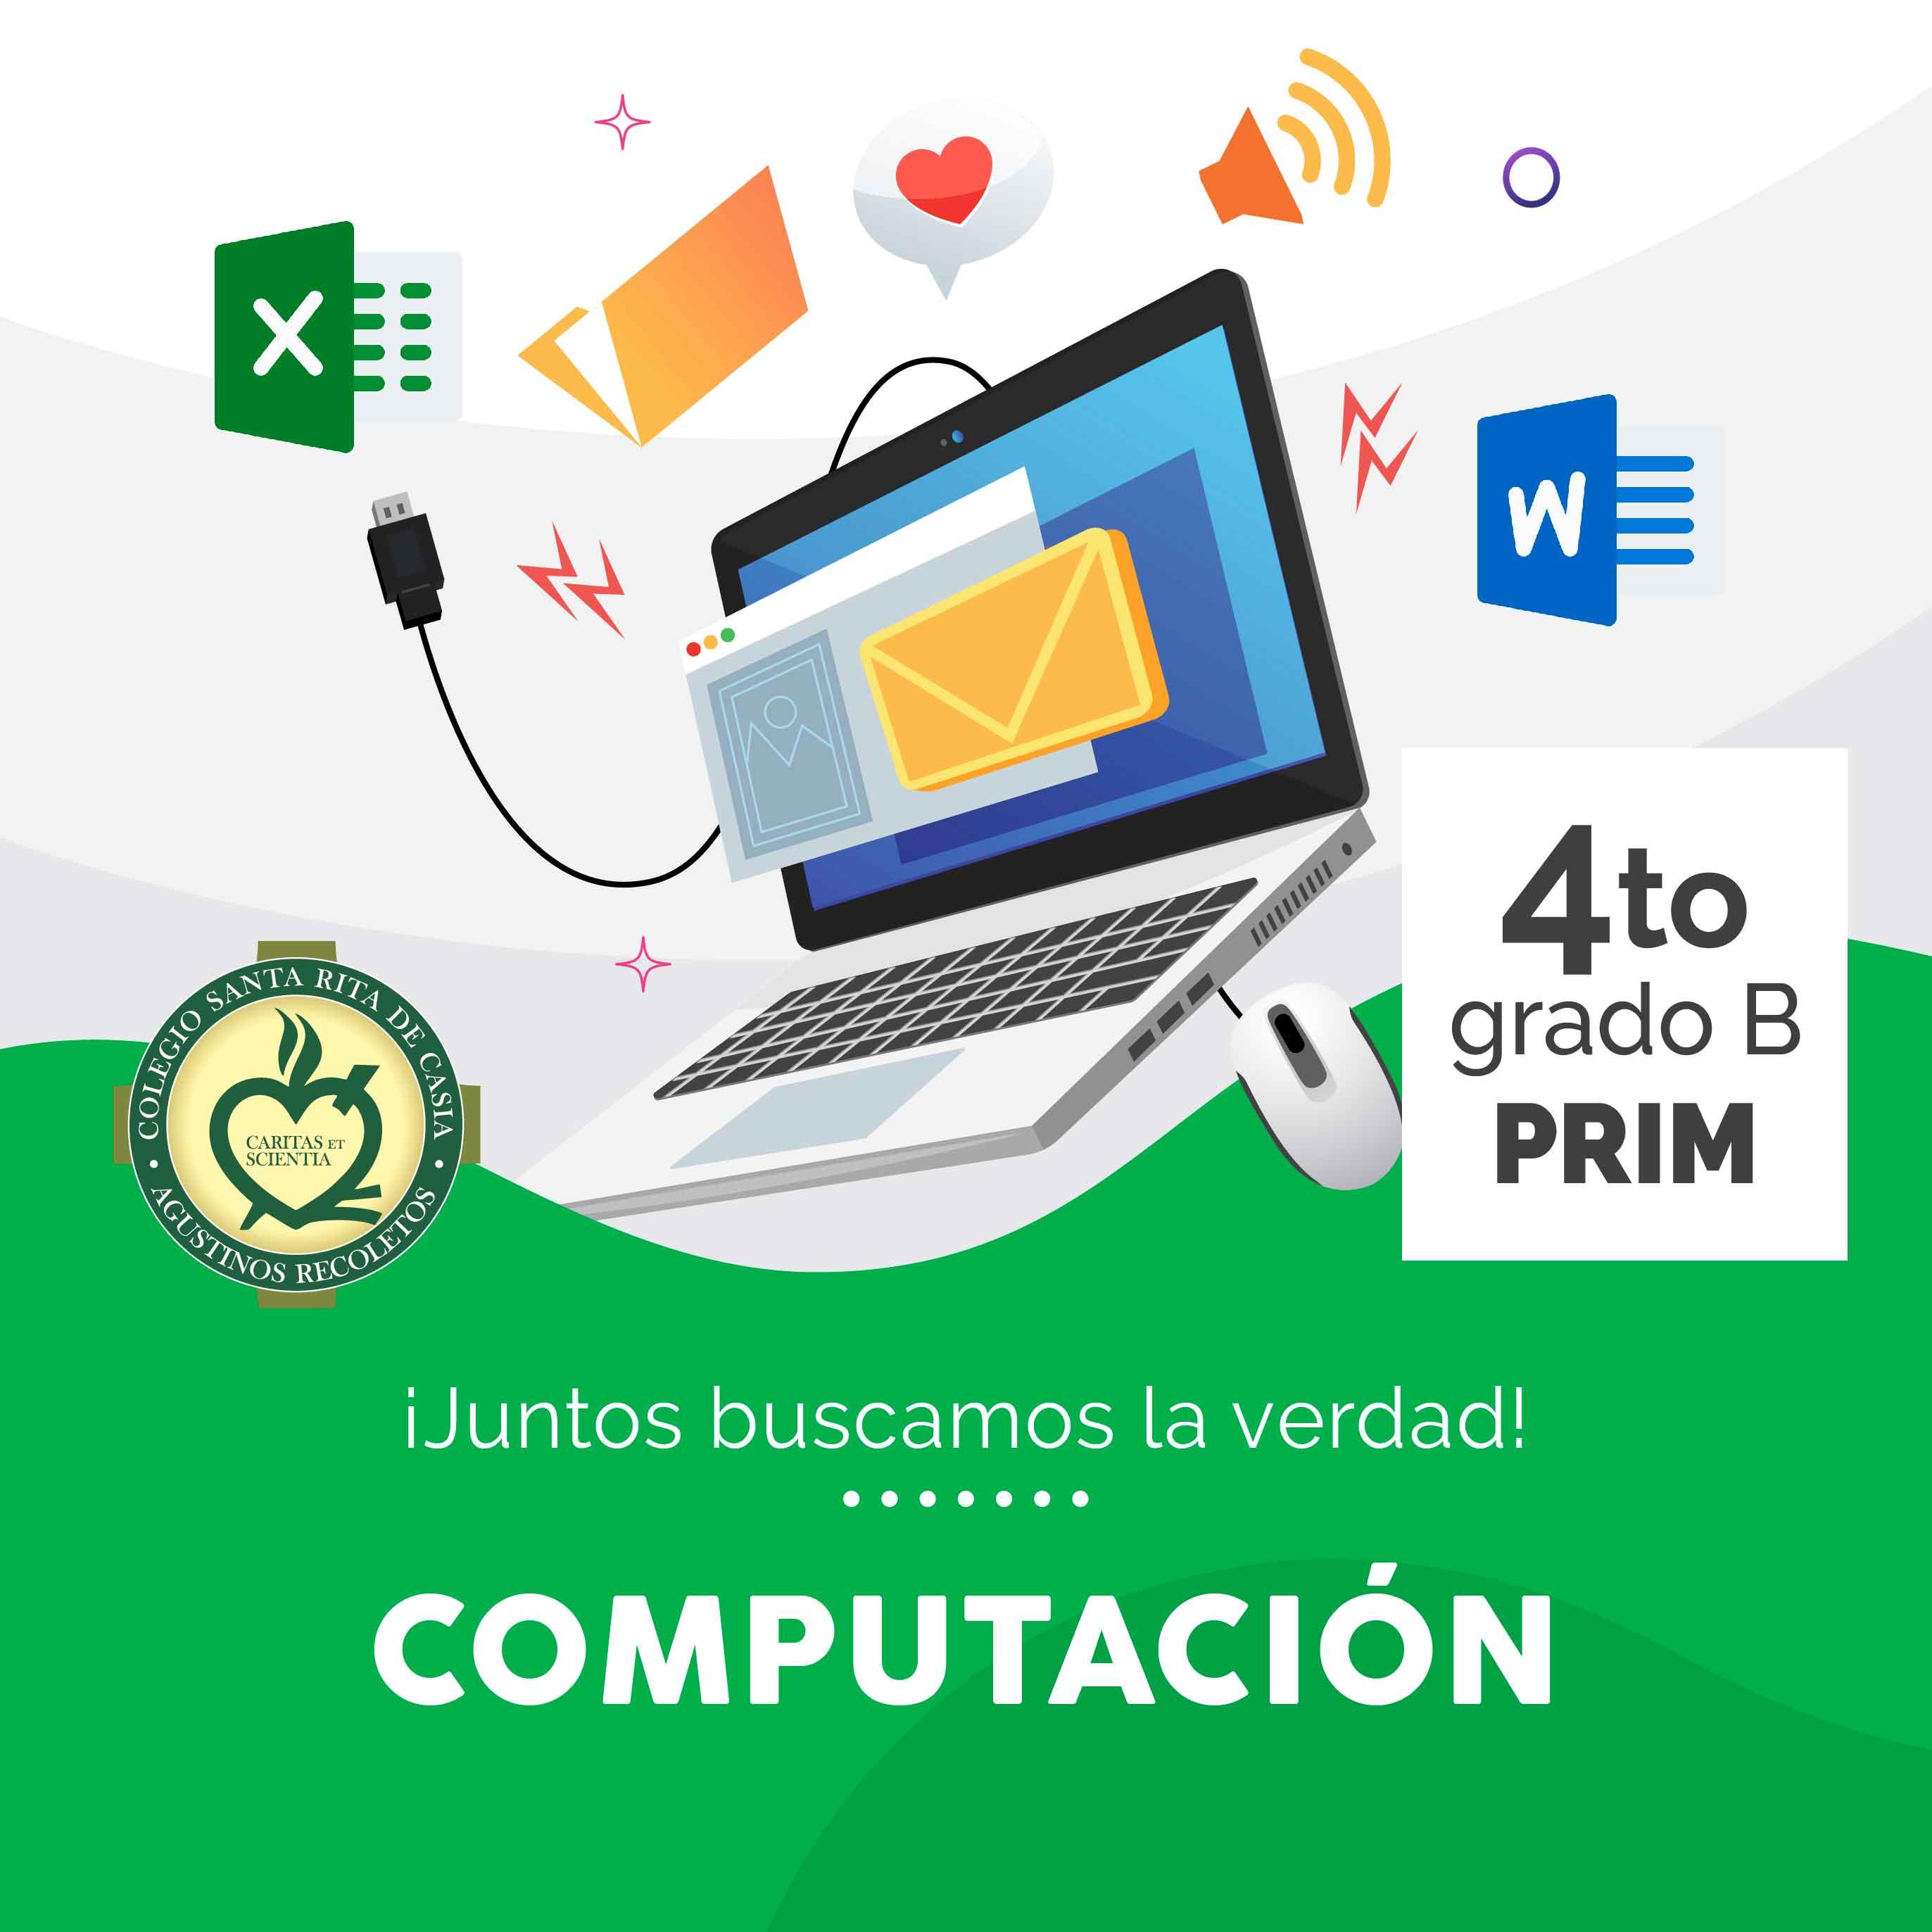 Computación 4to Grado B